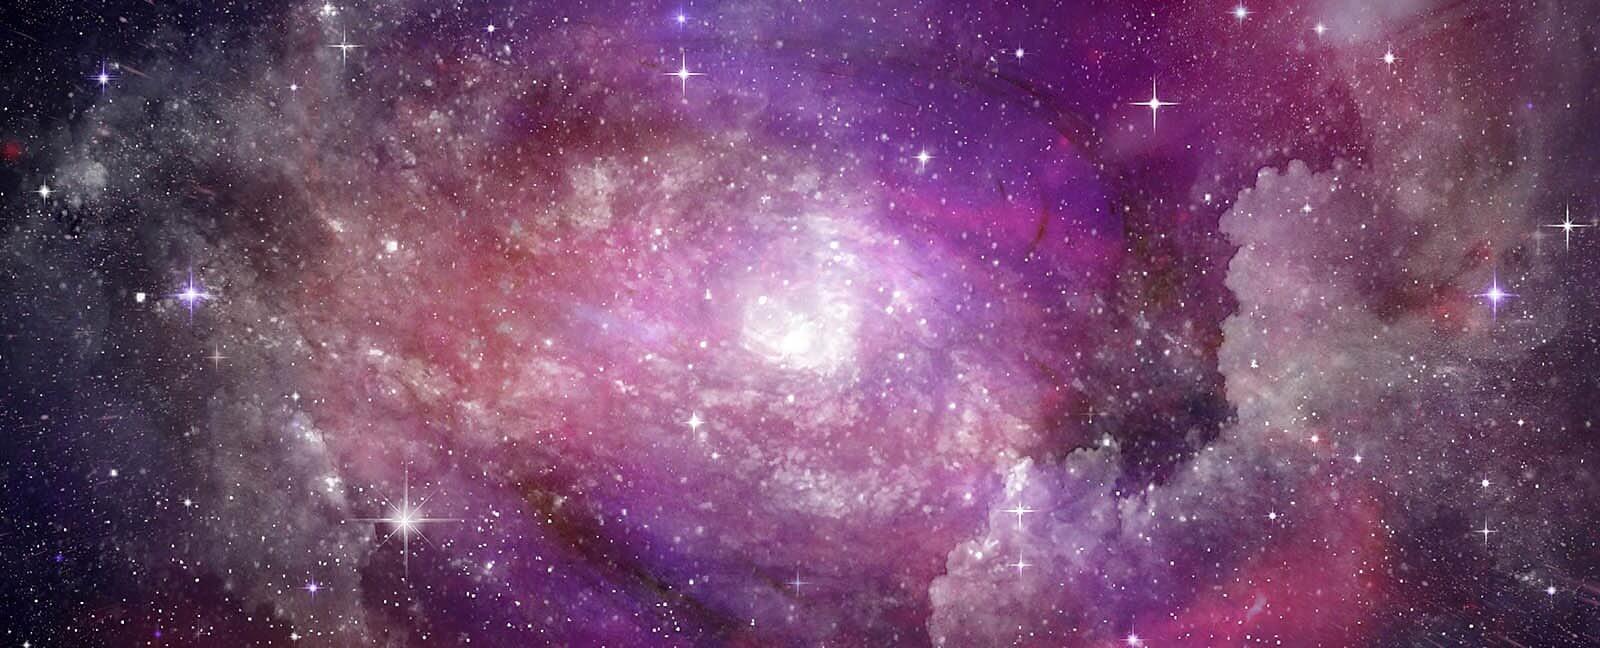 11 научных достижений последних 100 лет, которые подарили нам Вселенную